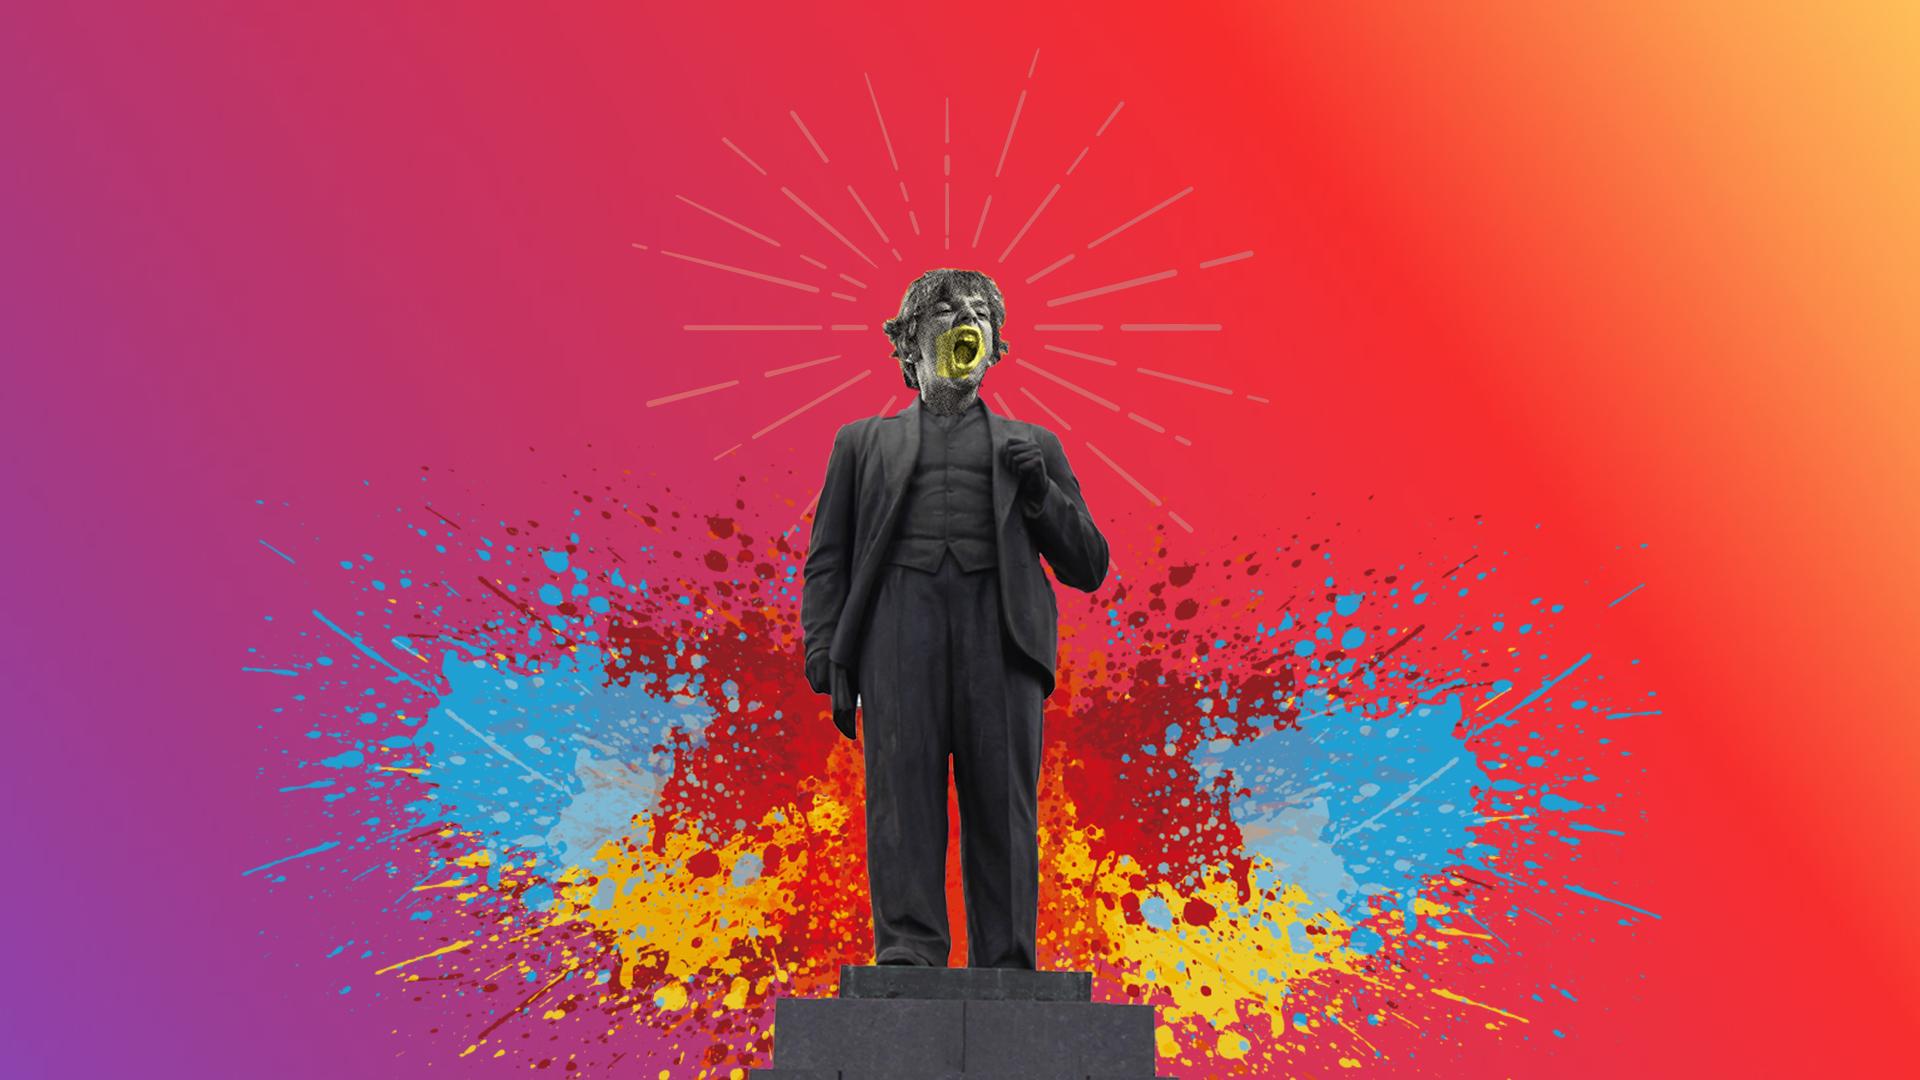 Запускаем Неделю прав человека в Могилеве-2019! LARP, премьера уникальной игры, семинар супергероев и воркшоп